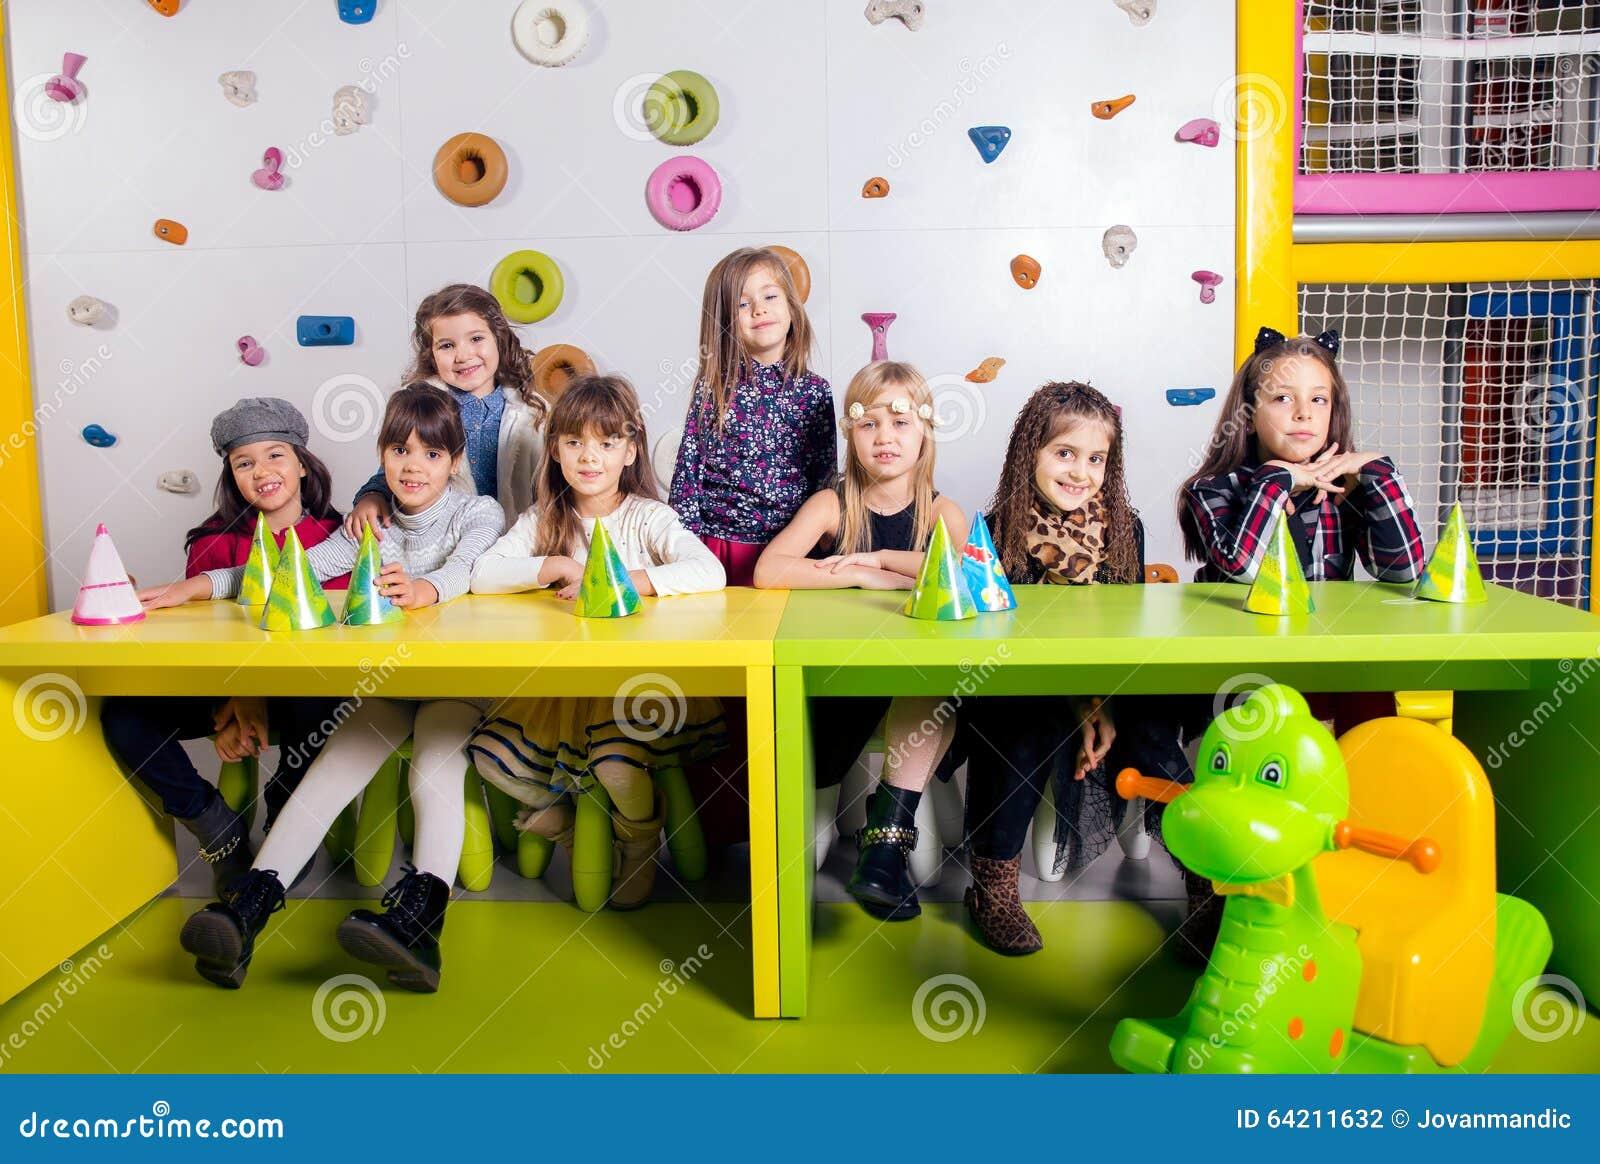 Grupo de pequeños niños que celebran cumpleaños